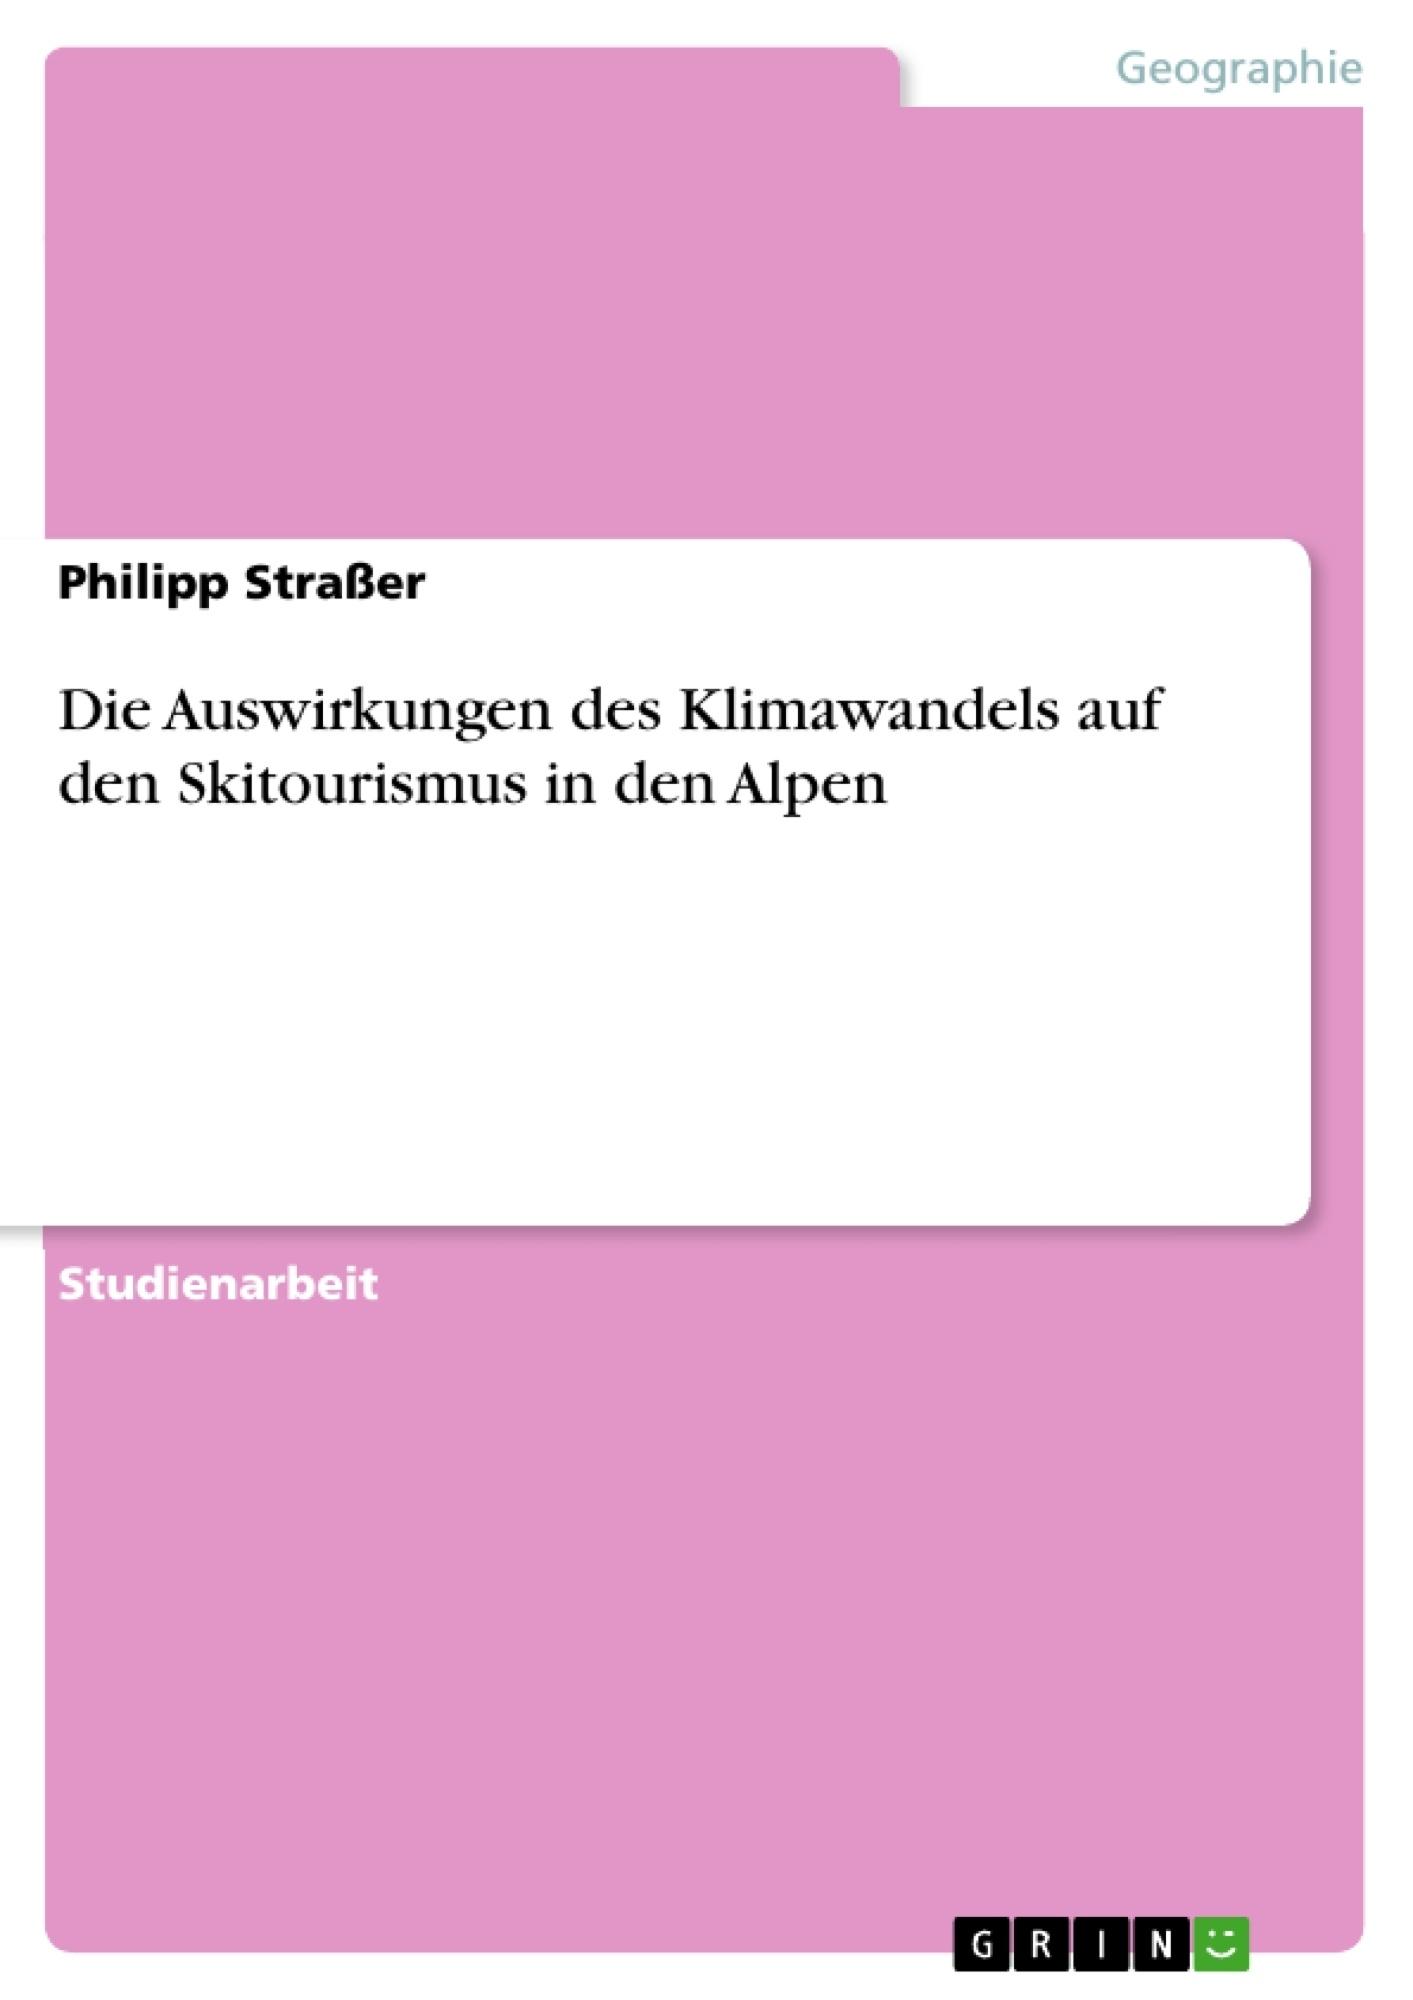 Titel: Die Auswirkungen des Klimawandels auf den Skitourismus in den Alpen